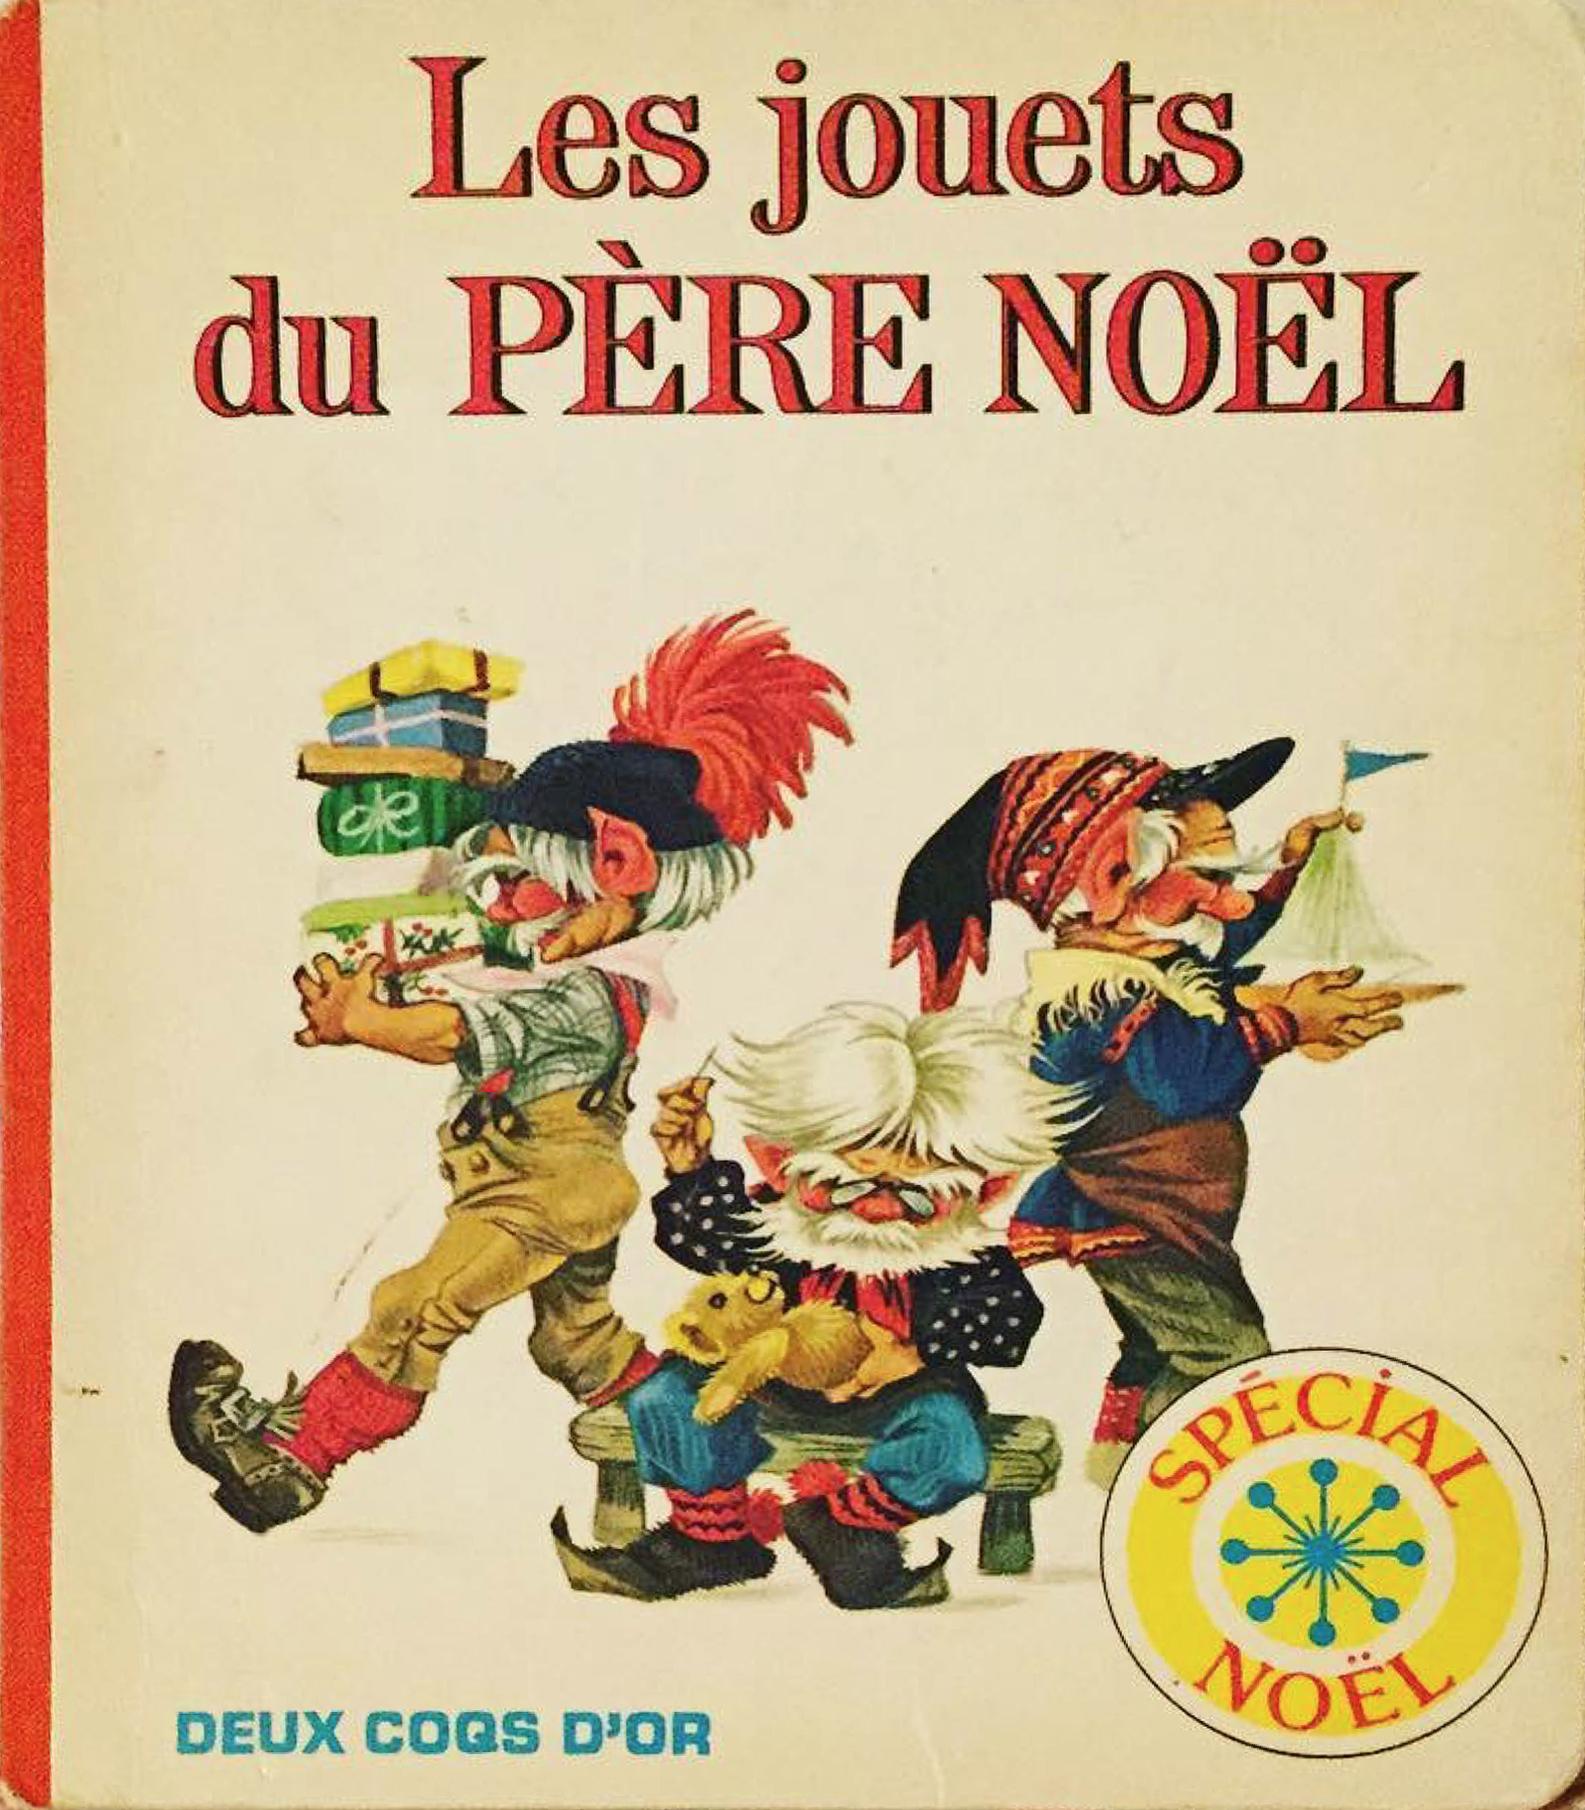 GJT French Les jouets du pere noel Santas Toy Shop deux coqs dor 1981